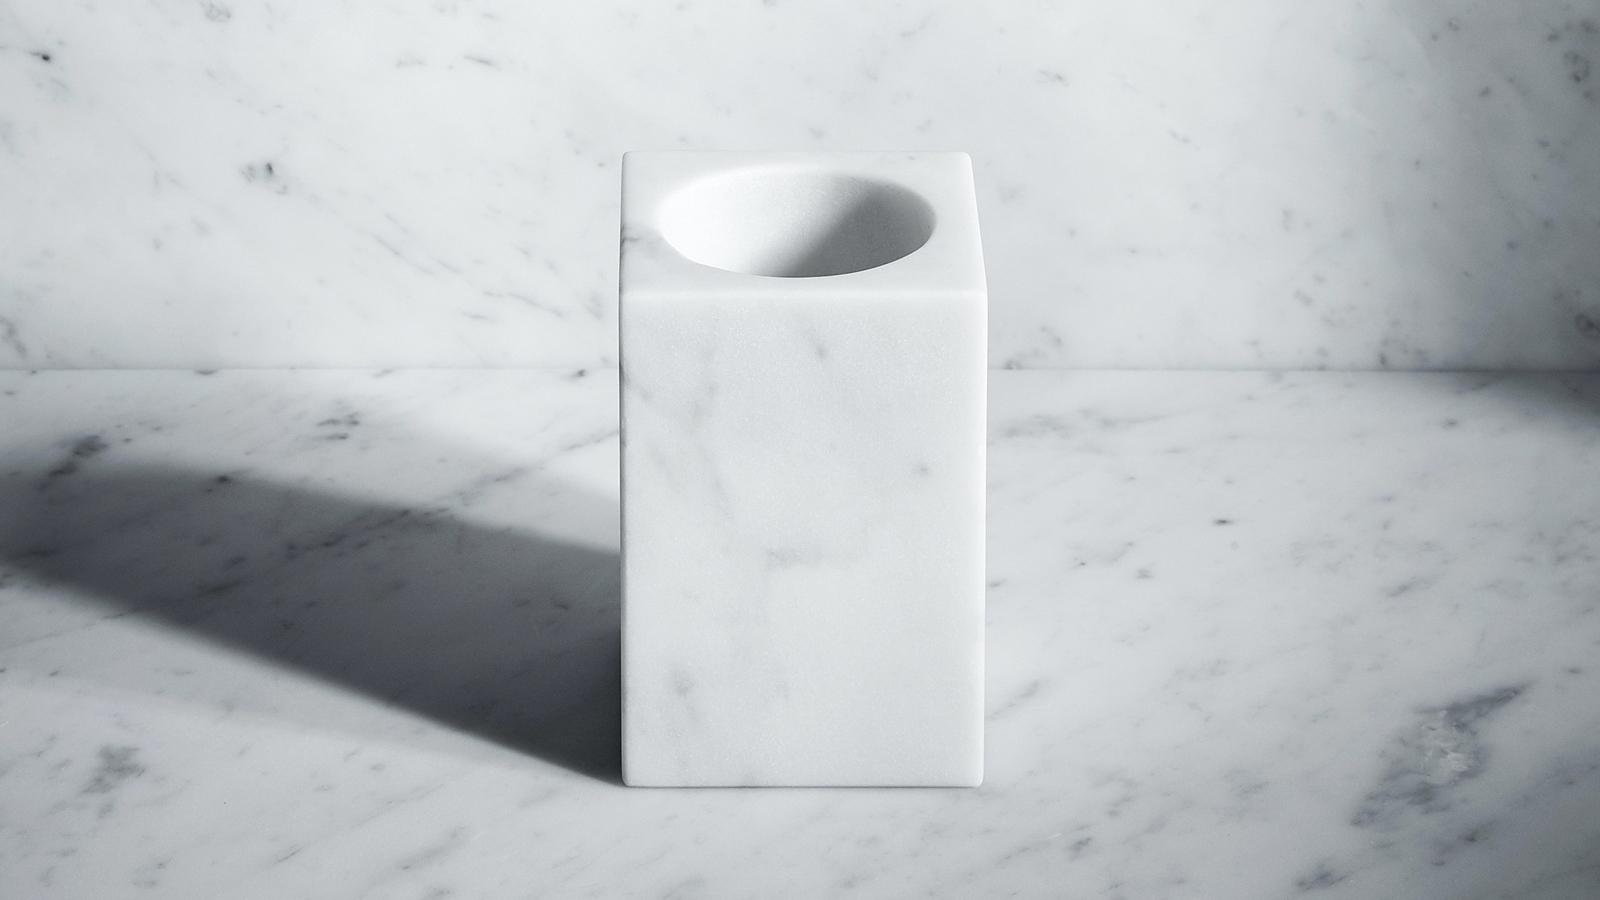 Egyetlen darab természetes kőből készült ez a rendkívül elegáns, letisztultságával hódító fogkefetartó. A négyzetes befogadó forma és a kerek belső ív kontrasztja kivételesen harmonikusan összképet eredményez. A termék, mely végső formáját kézműves mesterek munkája által nyeri el, kétféle anyagból érhető el. A Fontane Bianche sorozat Elisa Ossino formatervező alkotása.